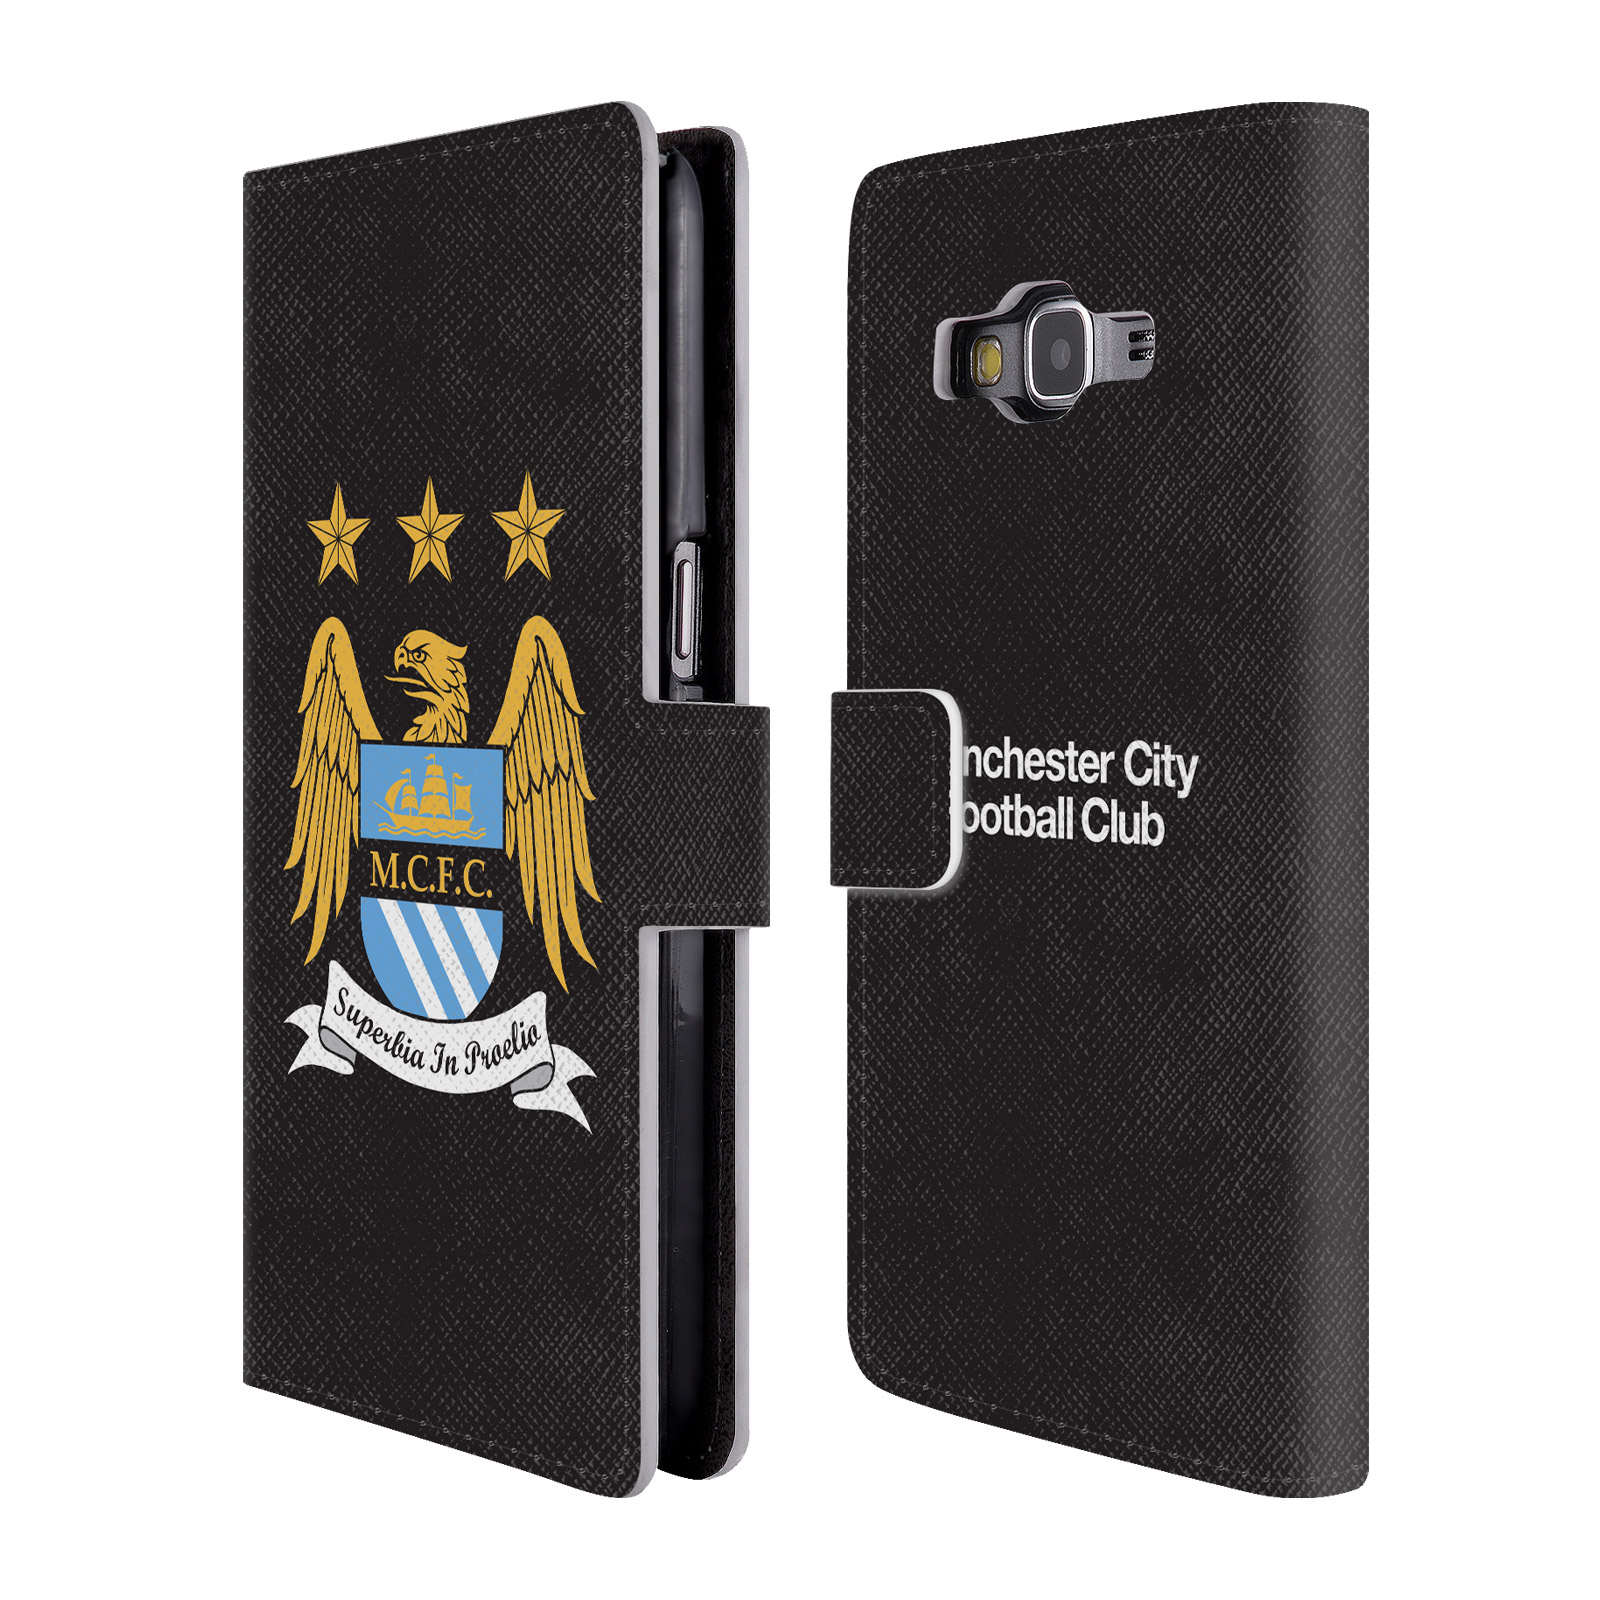 HEAD CASE Flipové pouzdro pro mobil Samsung Galaxy Grand Prime (G530) / Grand Prime VE (G531) Oficiální Manchester City znak a černé pozadí